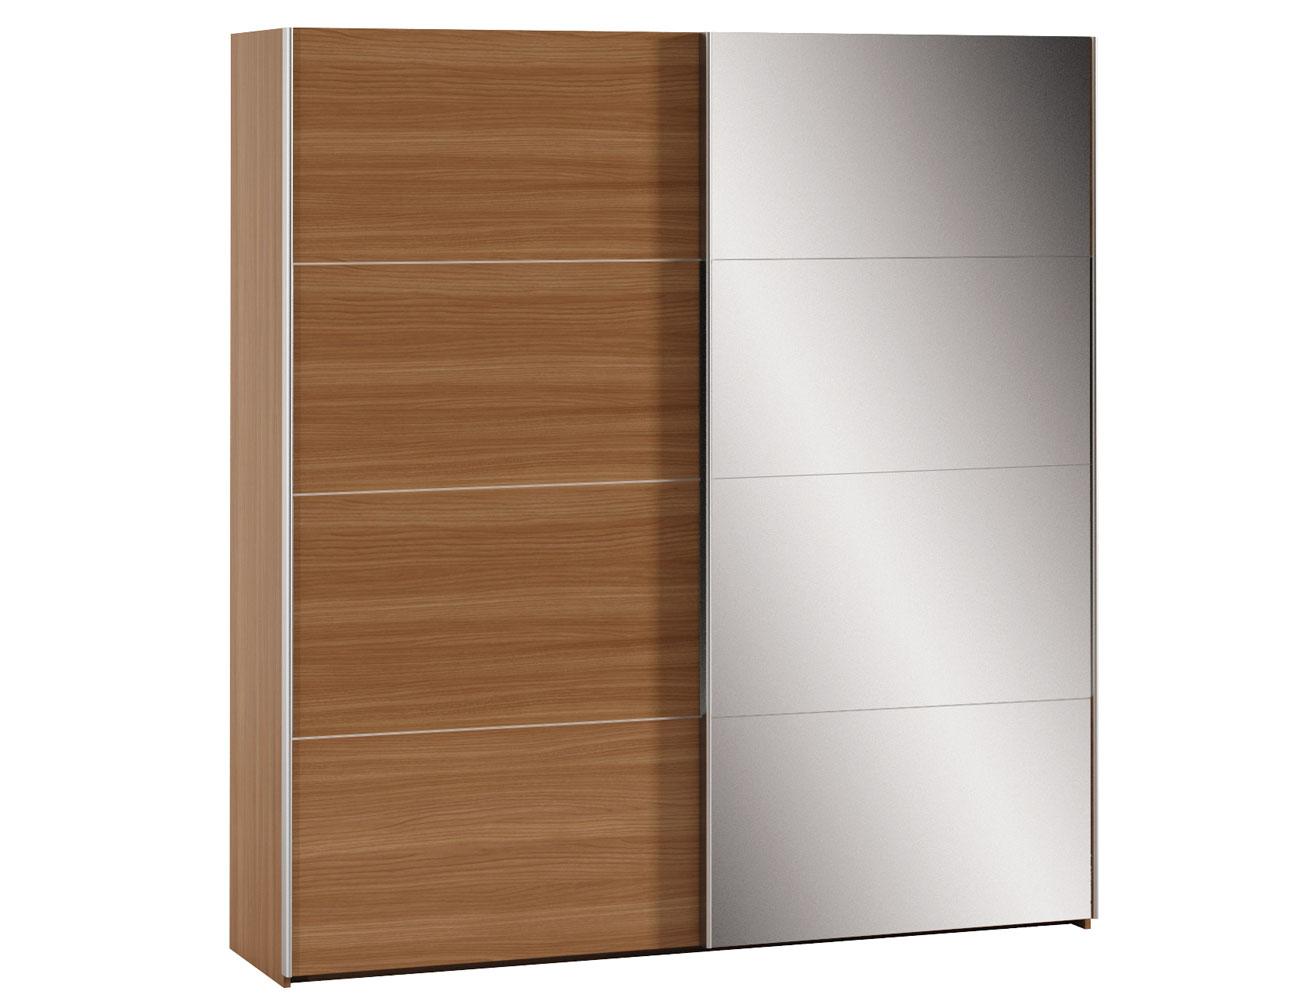 Dk 60 armario 2p correderas nogal espejo6